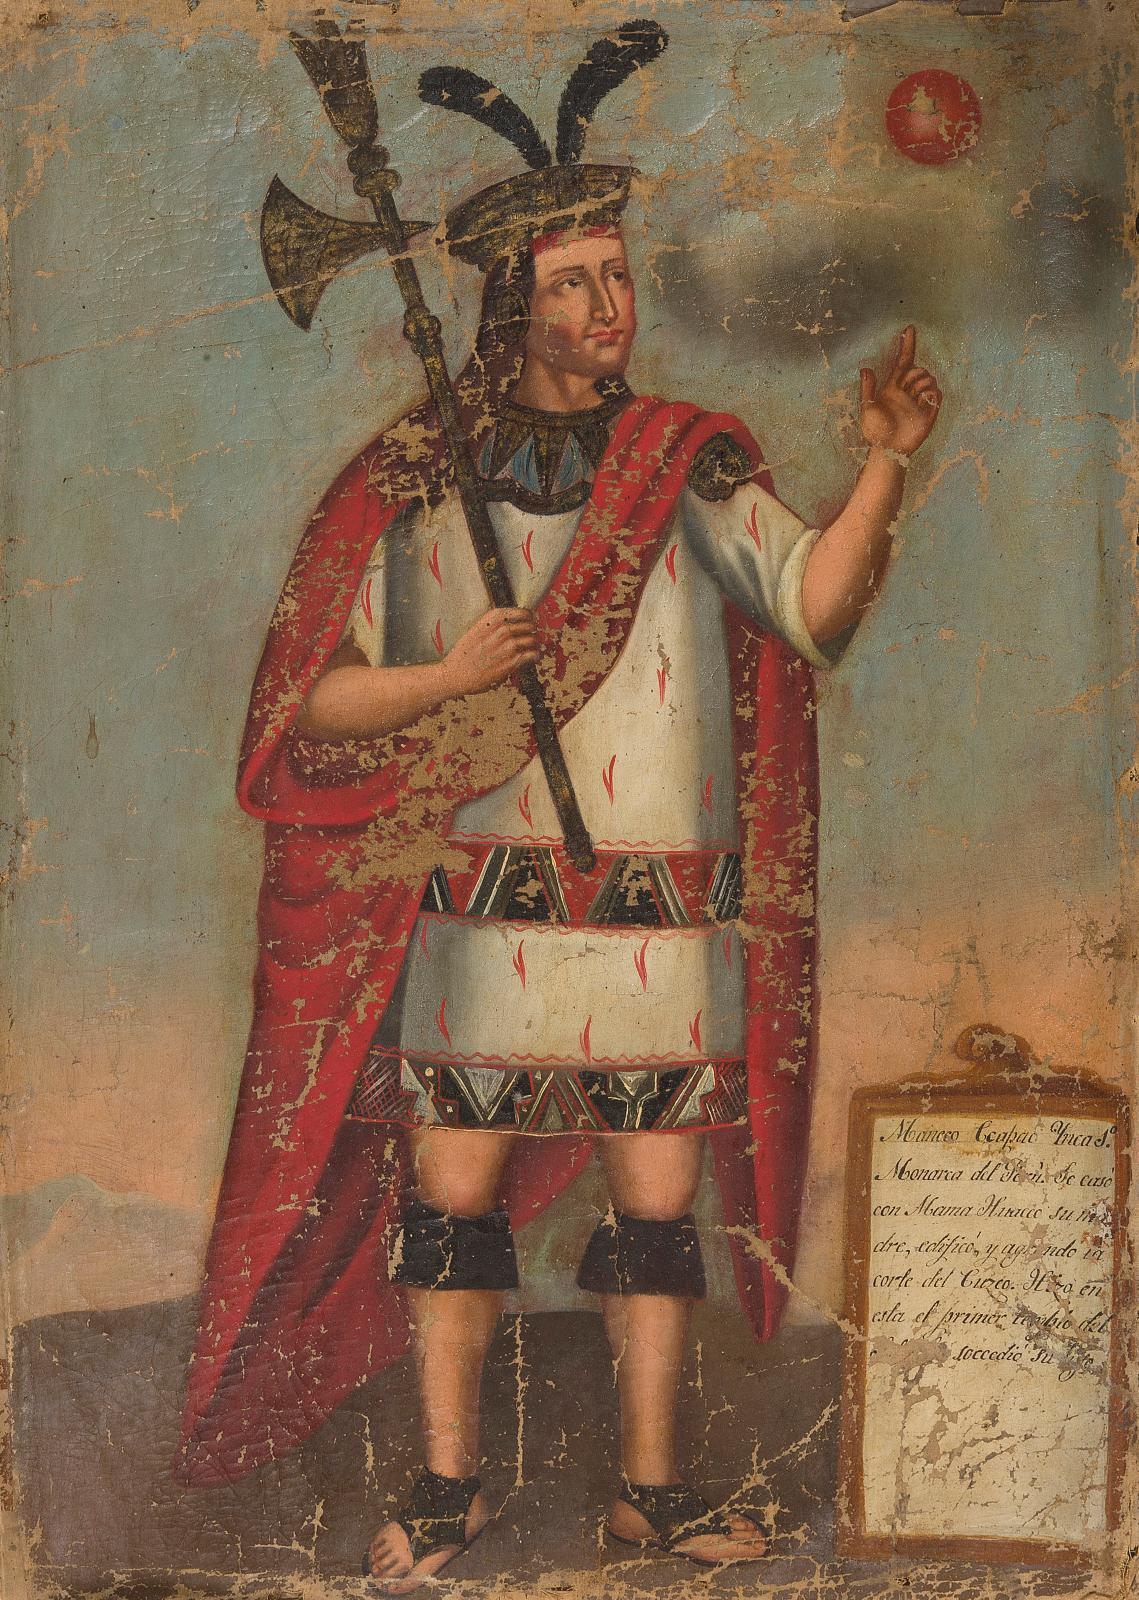 École d'Amérique du Sud du XIXesiècle, Portraits d'empereurs incas, suite de onze toiles, 55,5x41cm. Adjugé: 1291500€